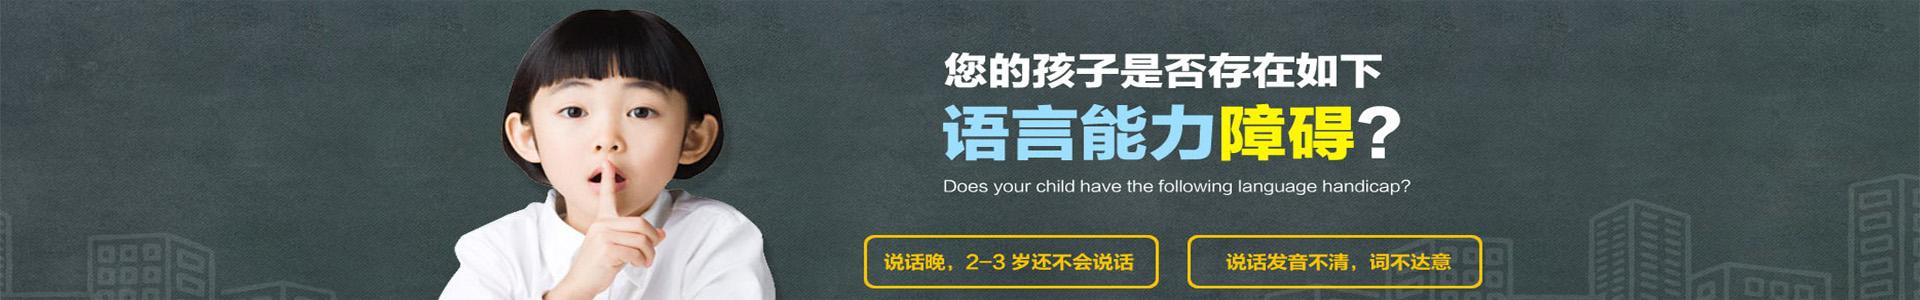 武汉儿童语言发育迟缓训练机构